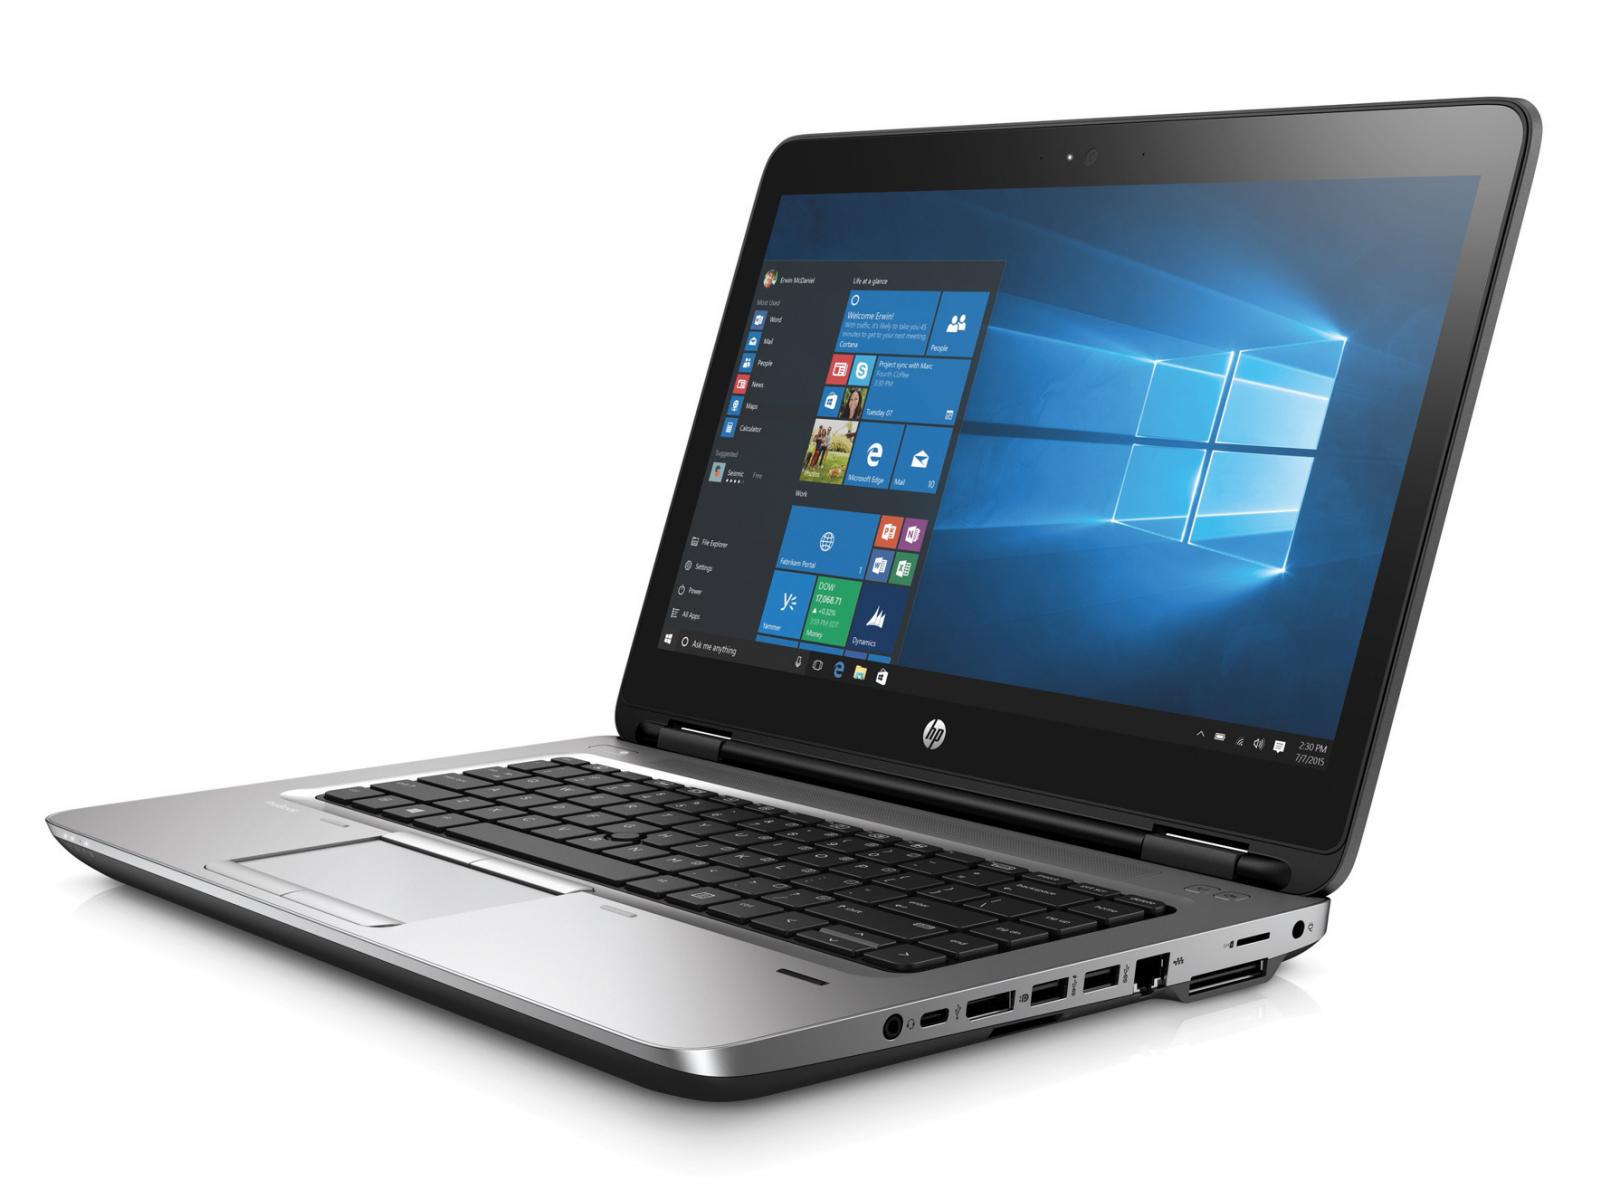 HP ProBook 650 G2 Huawei Modem Windows 7 64-BIT